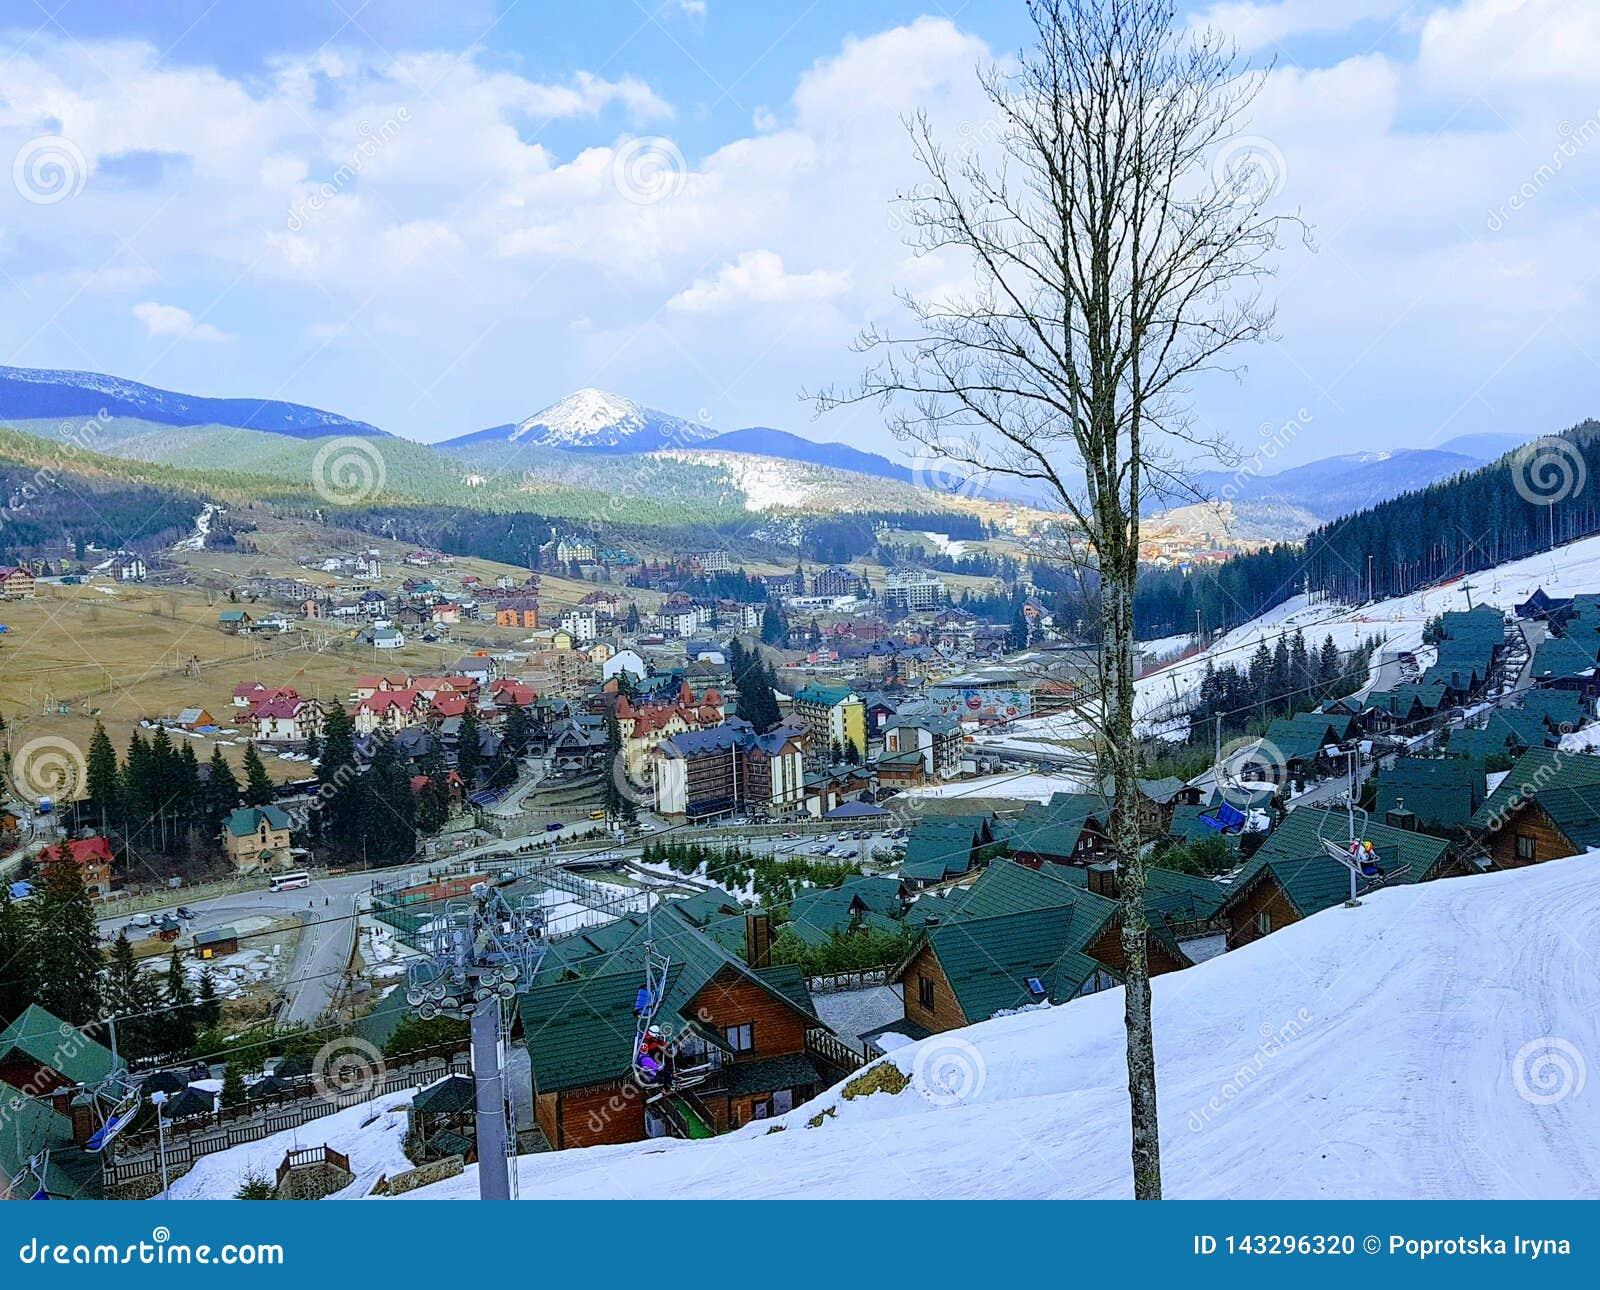 Opinião do elevador na estância de esqui Bukovel, Carpathians, Ucrânia